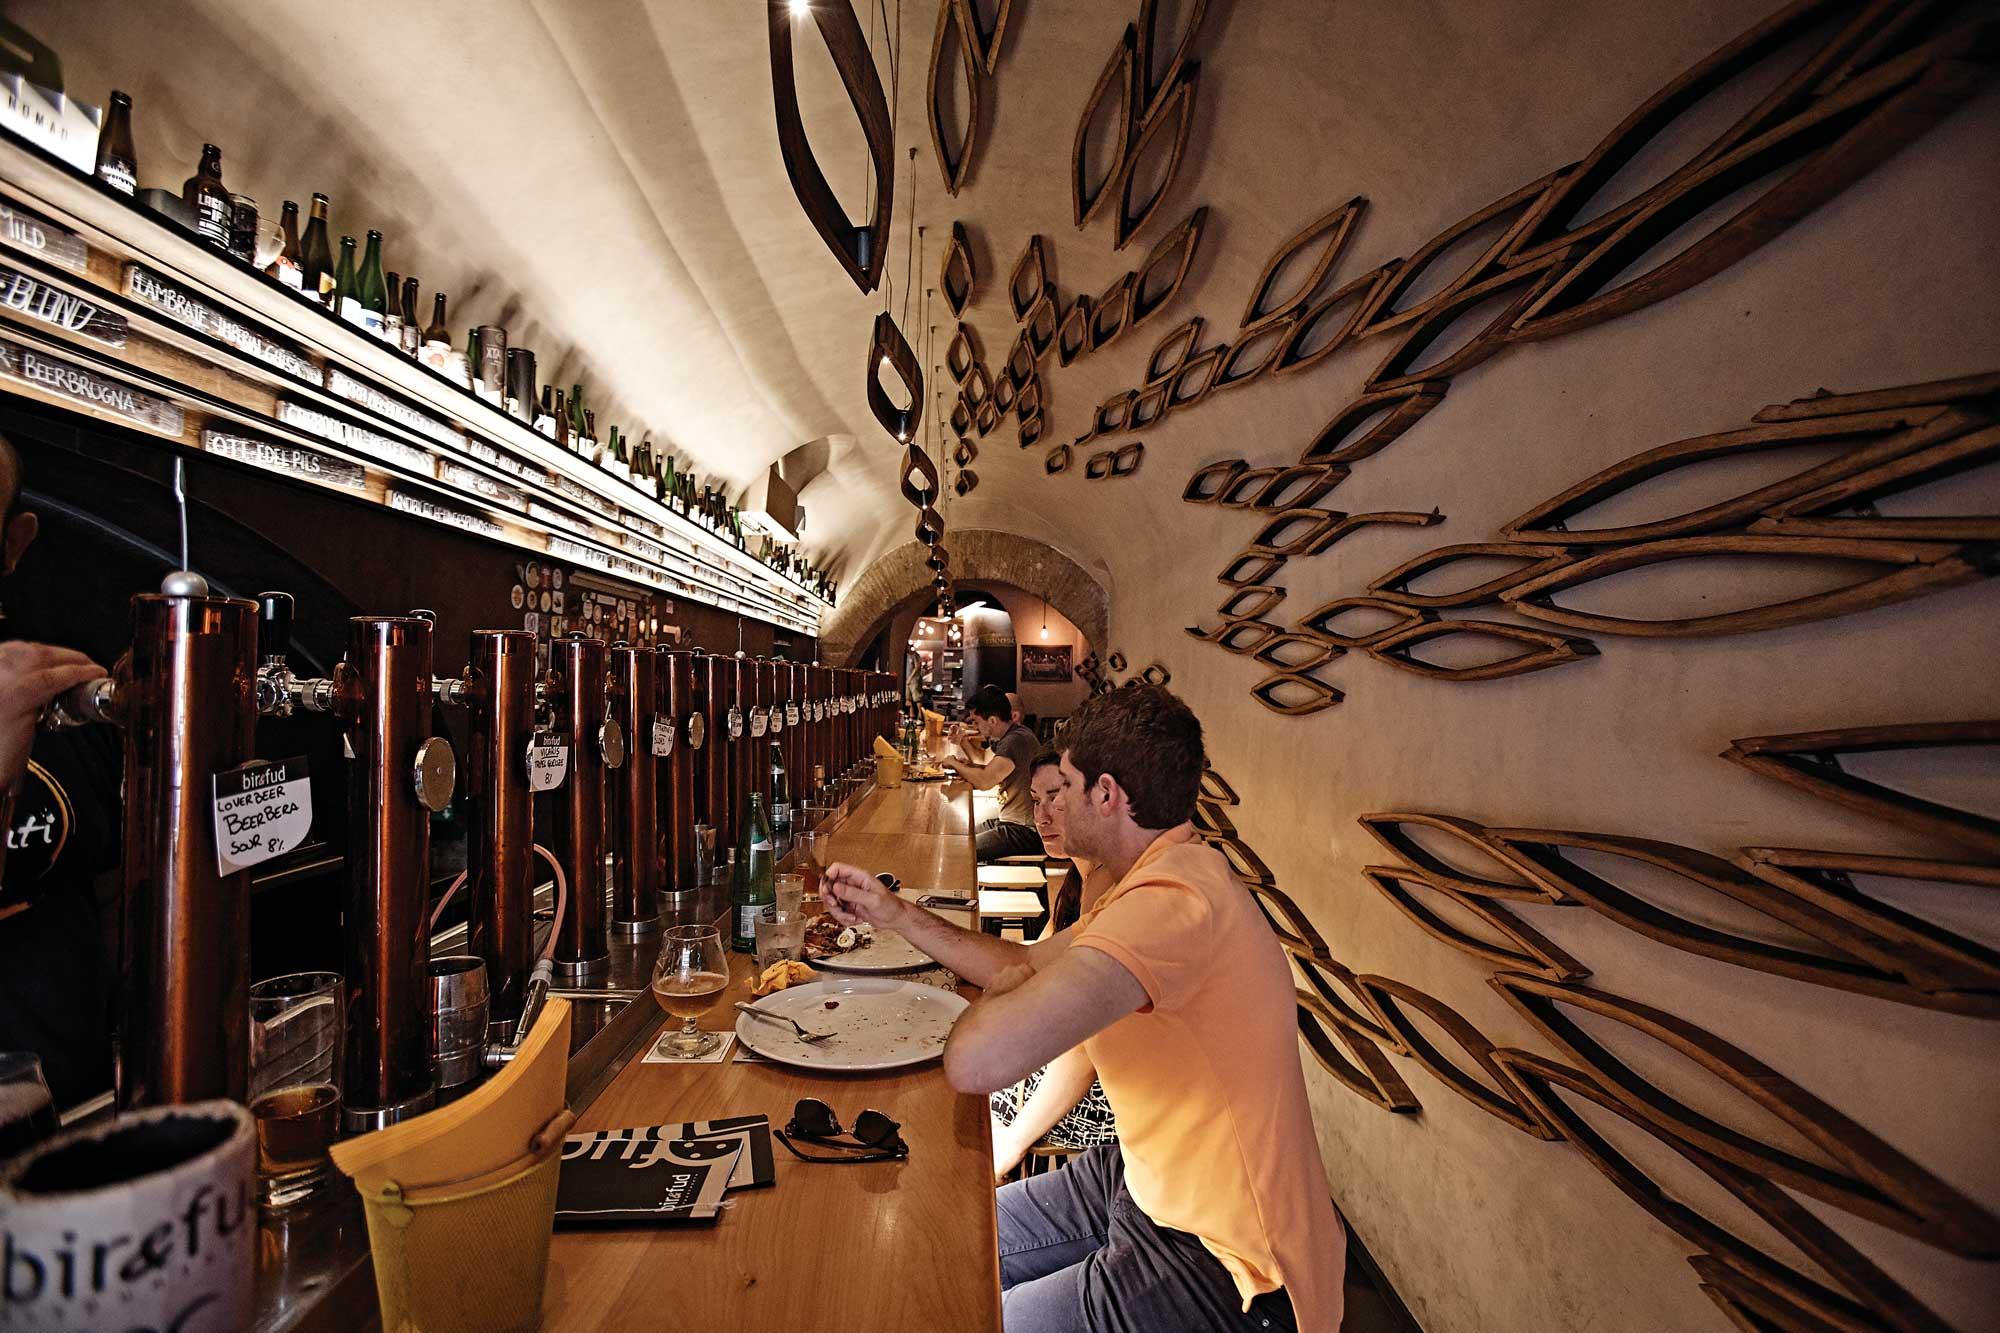 비르 앤 푸드에서는 세계 수제 맥주를 요리와 함께 맛볼 수 있다. ©김재욱